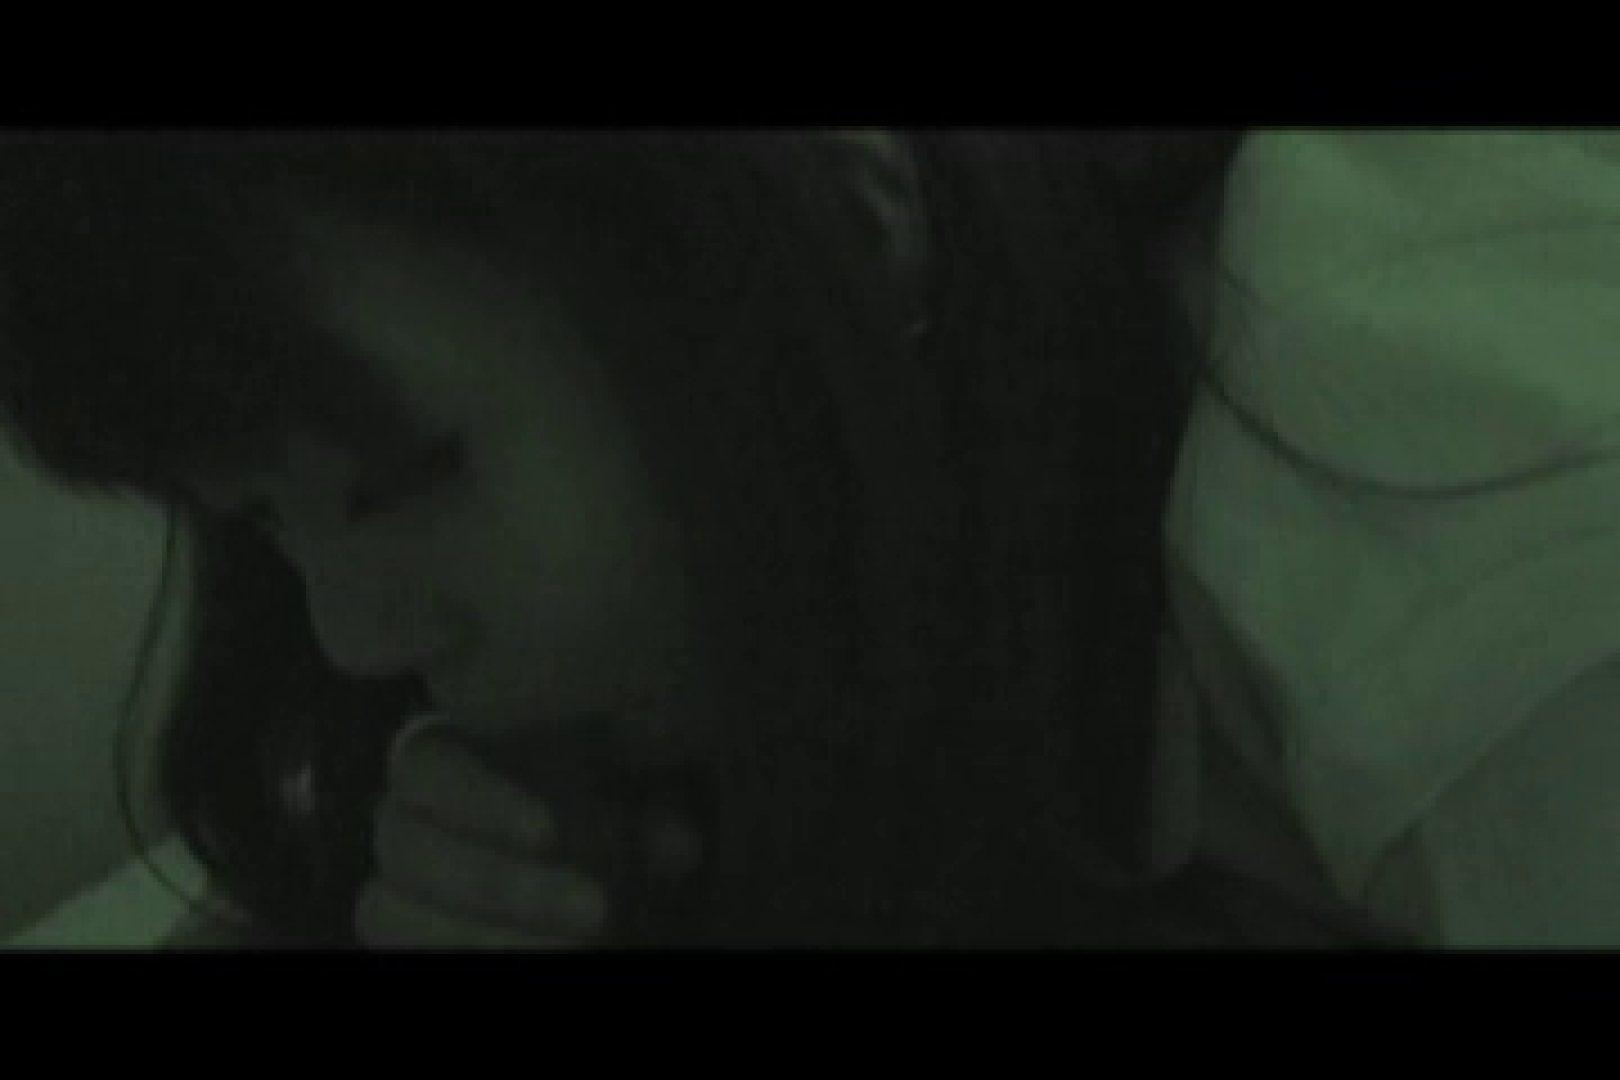 ヤリマンと呼ばれた看護士さんvol3 美しいOLの裸体 AV無料動画キャプチャ 72pic 57